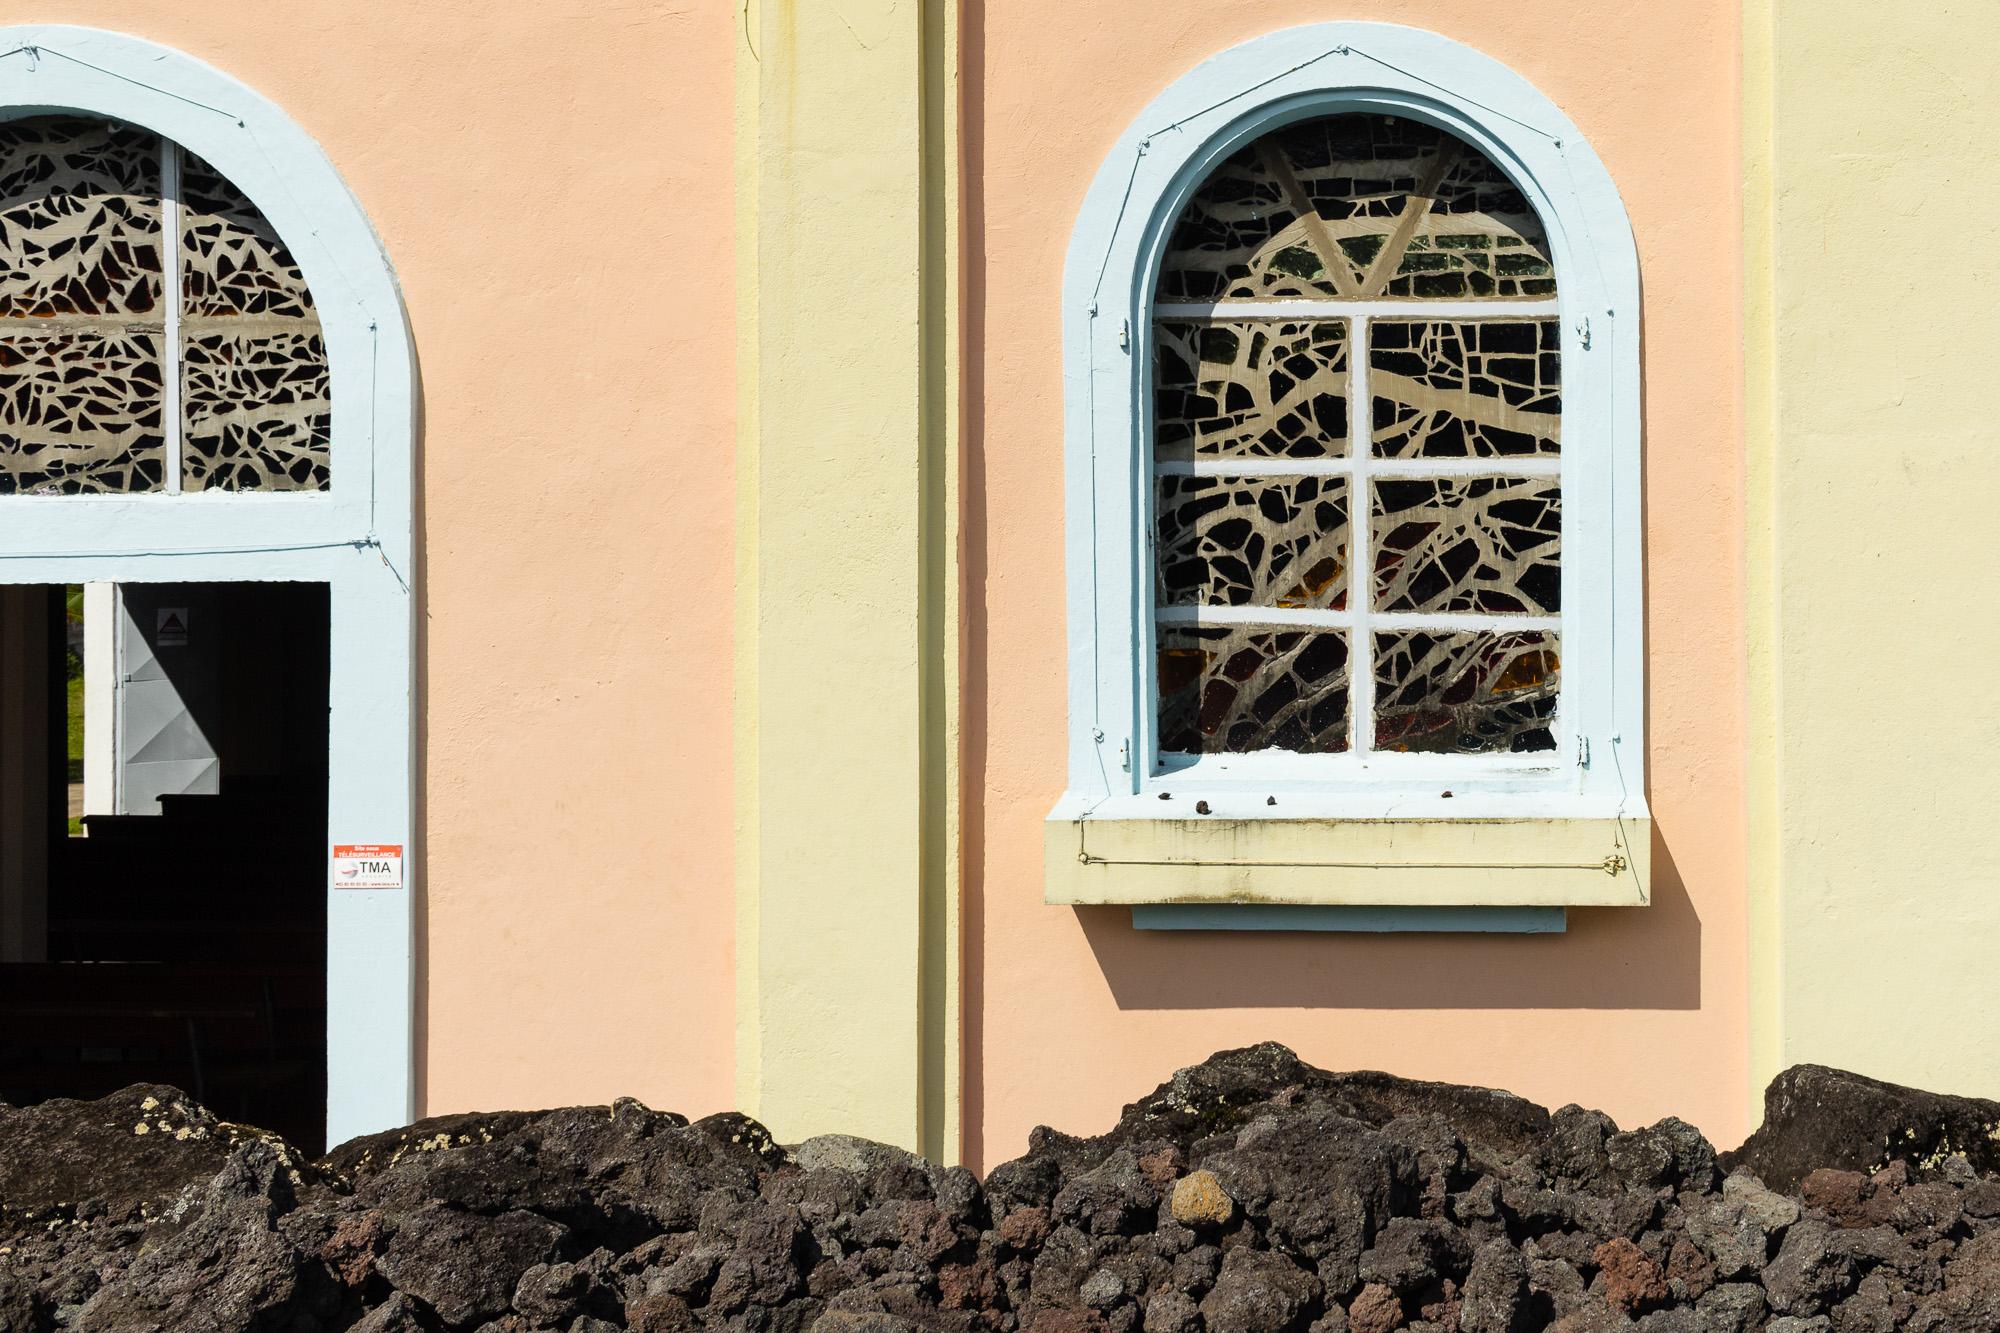 détail lave et architecture colorée notre dame des laves, piton sainte rose, la réunion